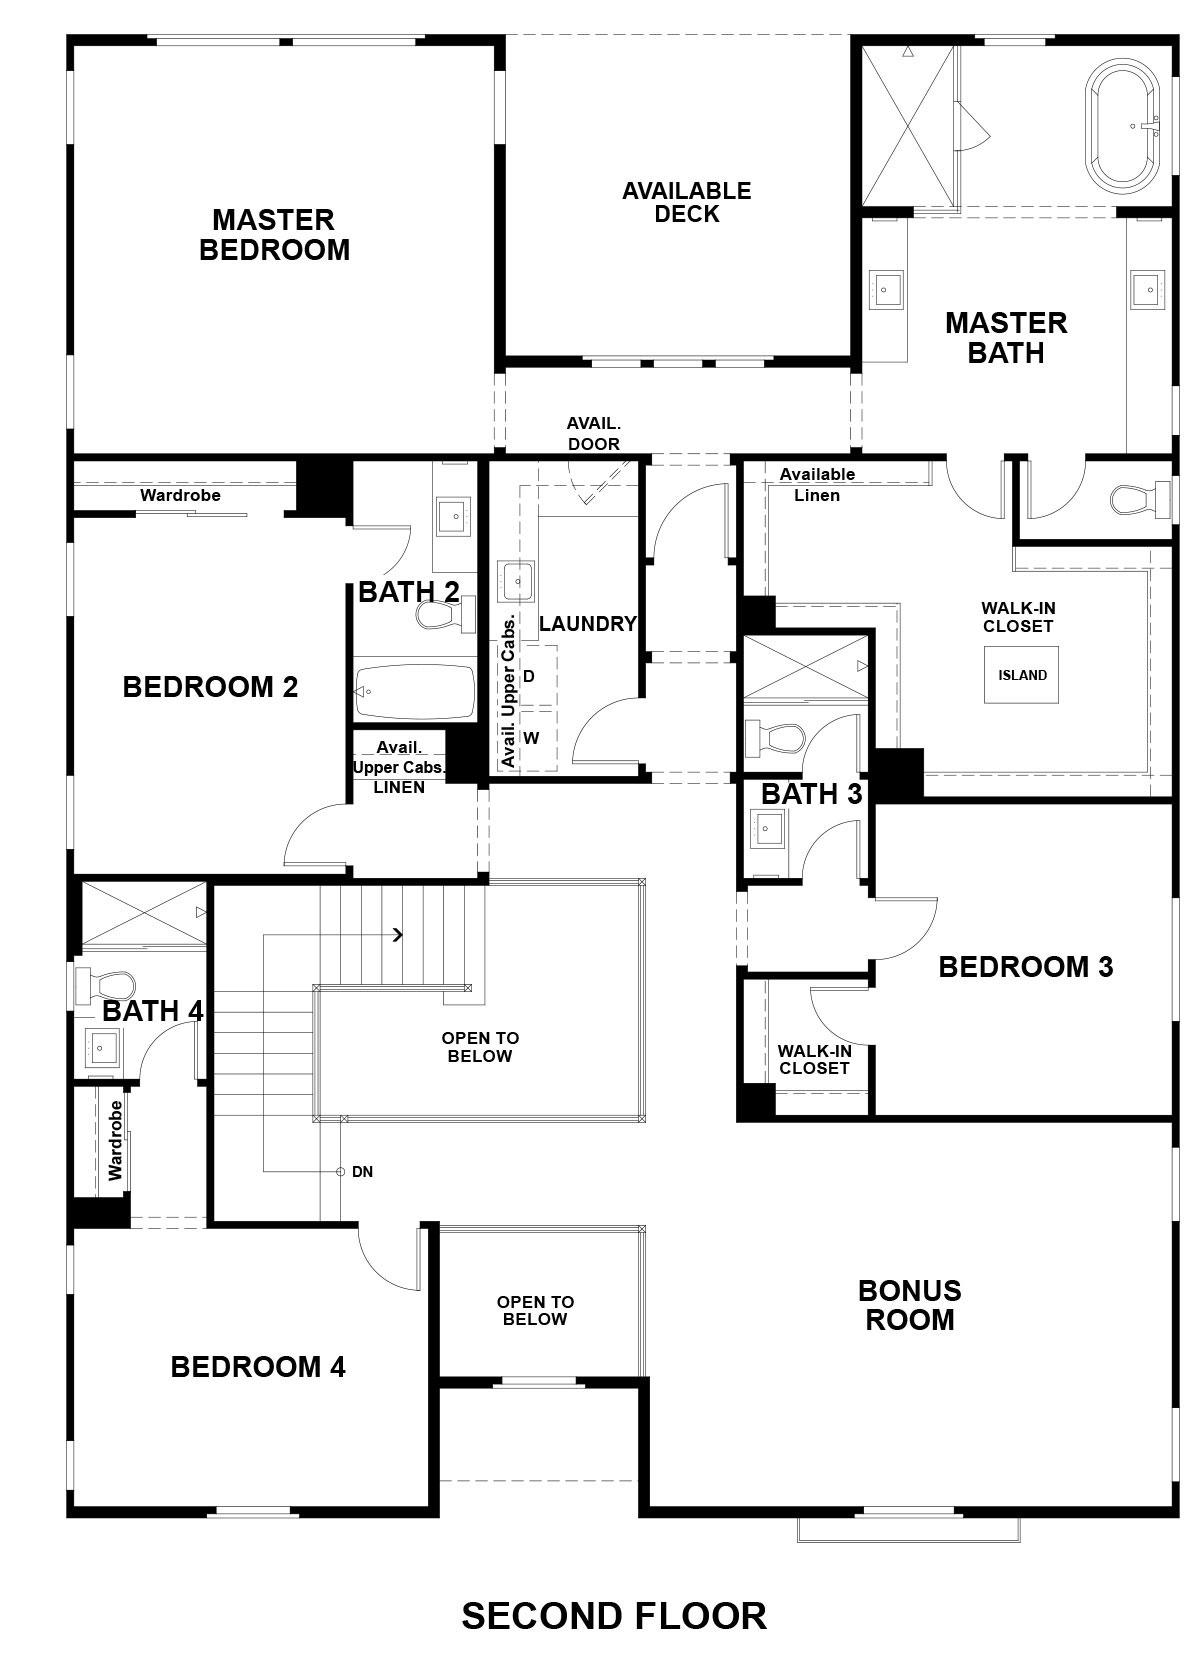 Ridgepointe floor plan - Residence 2, floor 2